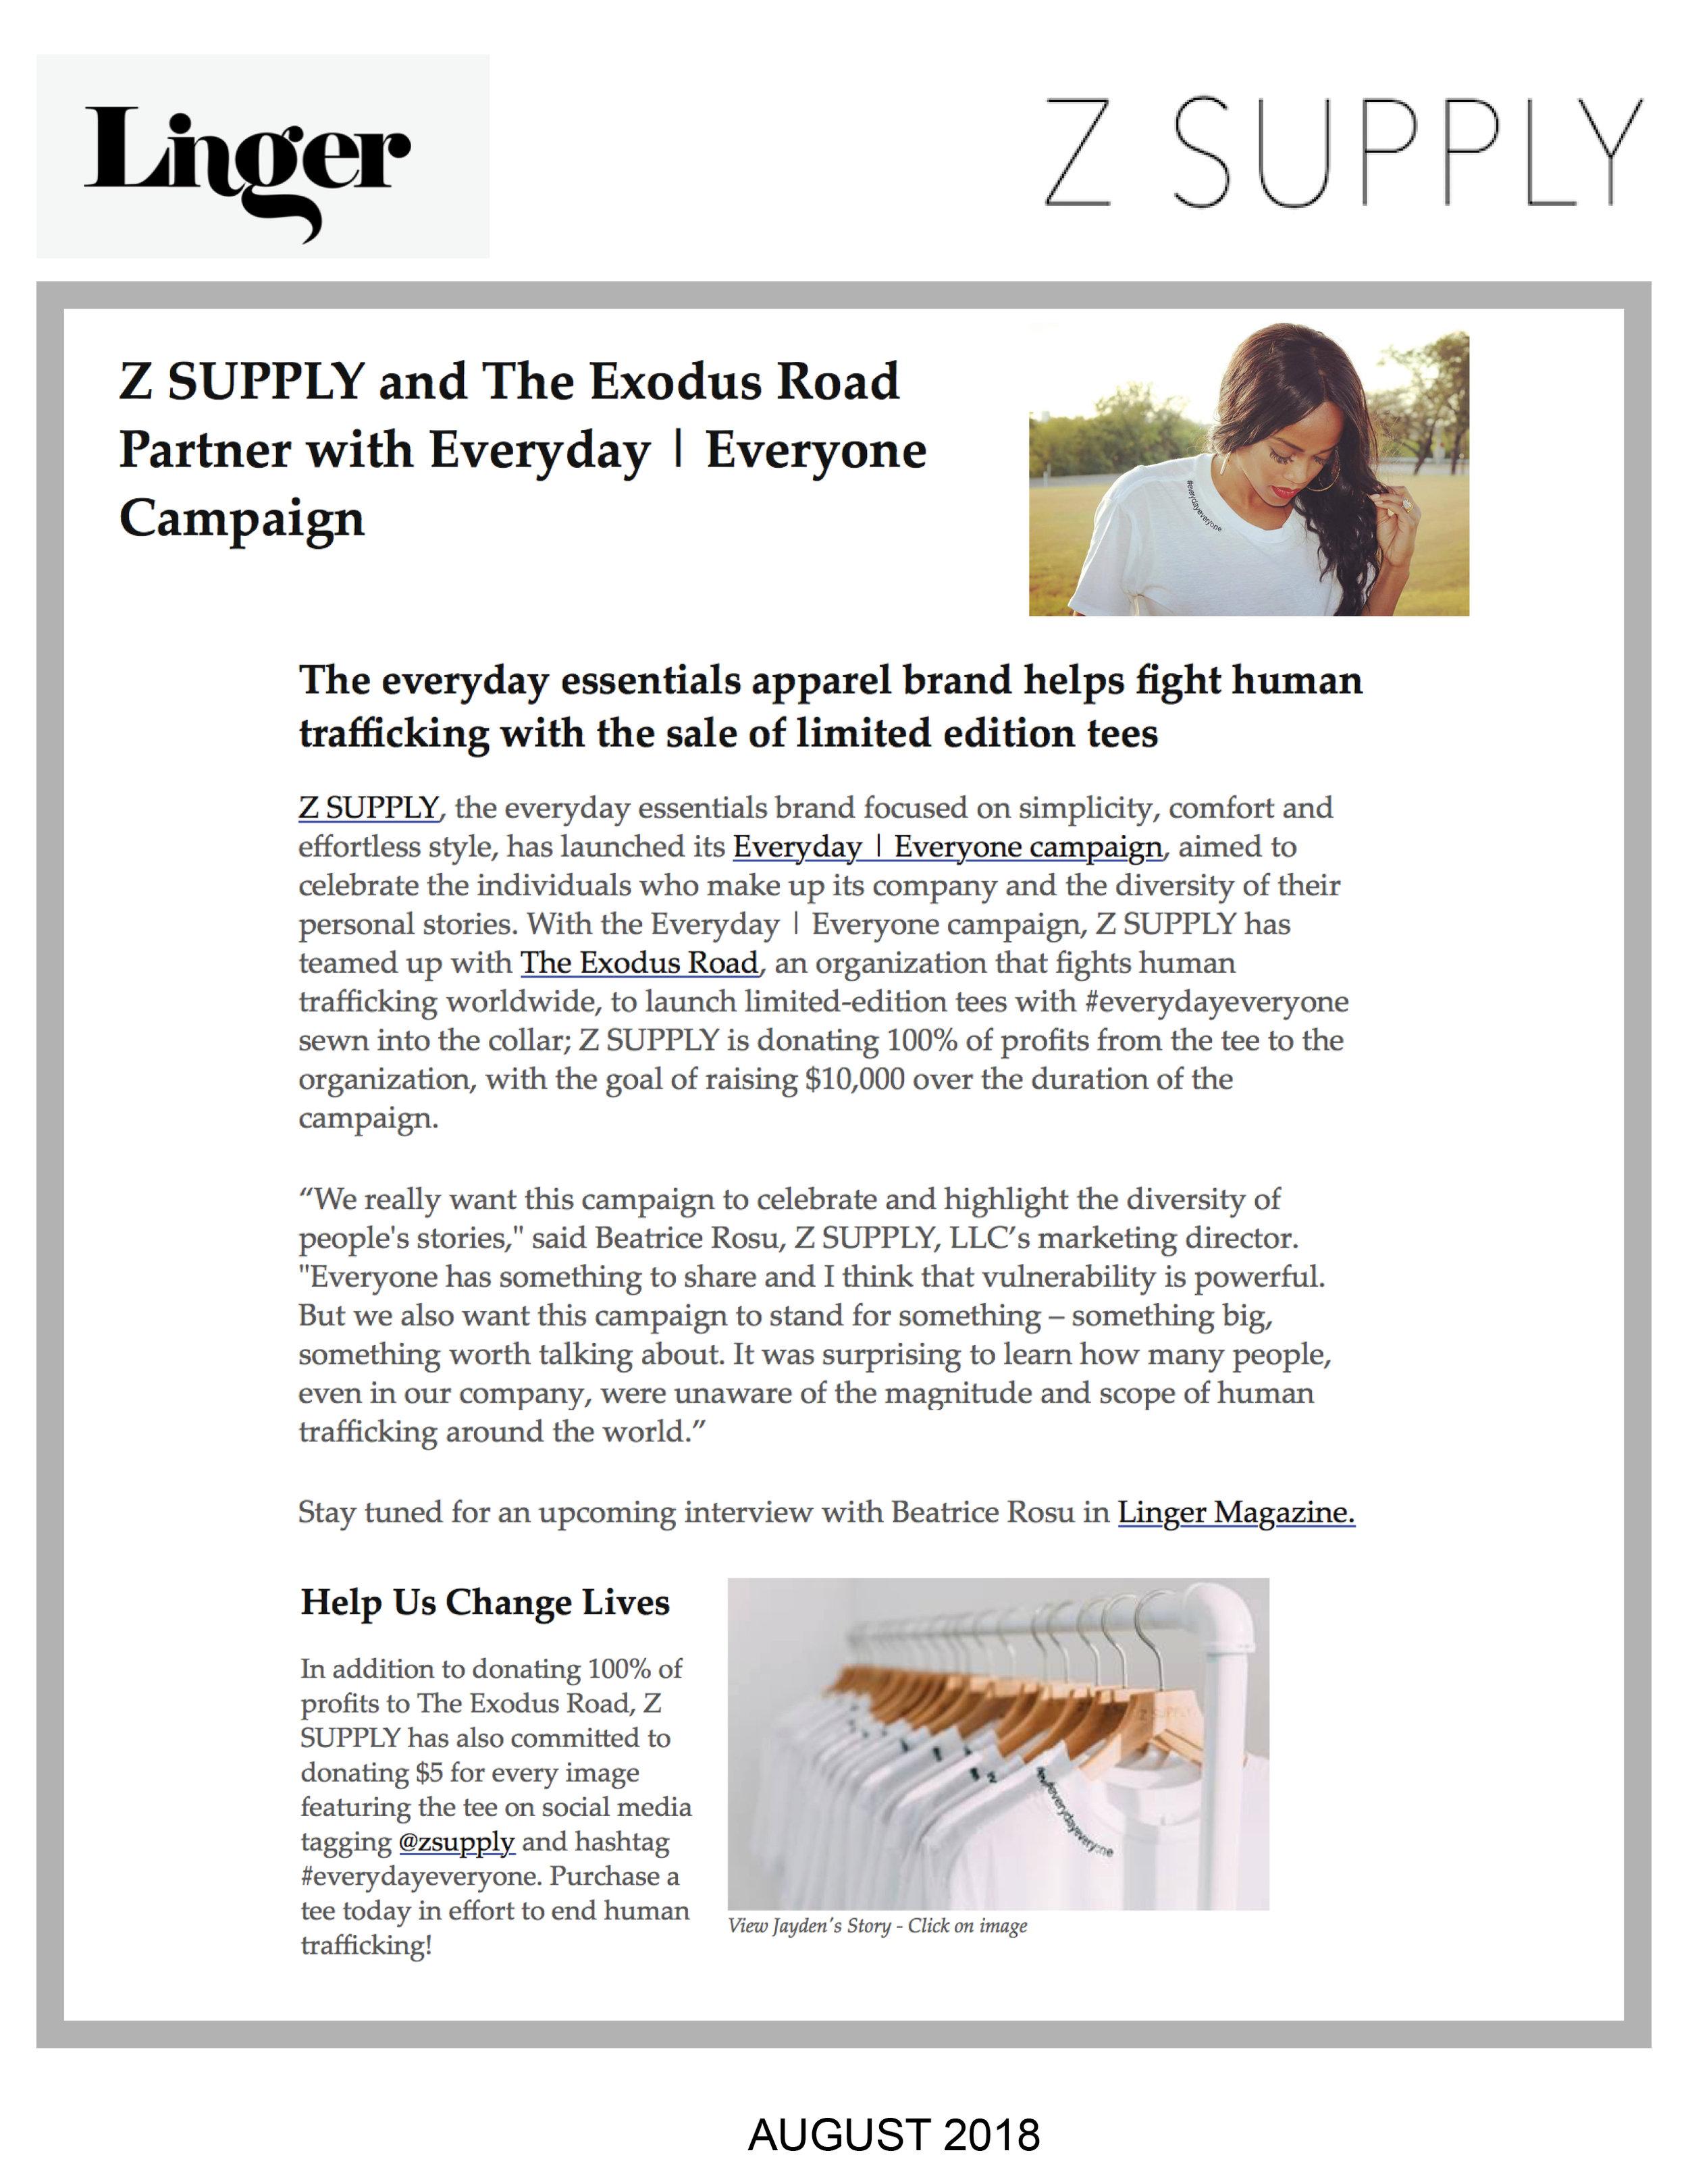 Zsupply_LingerMagazine_August2018.jpg